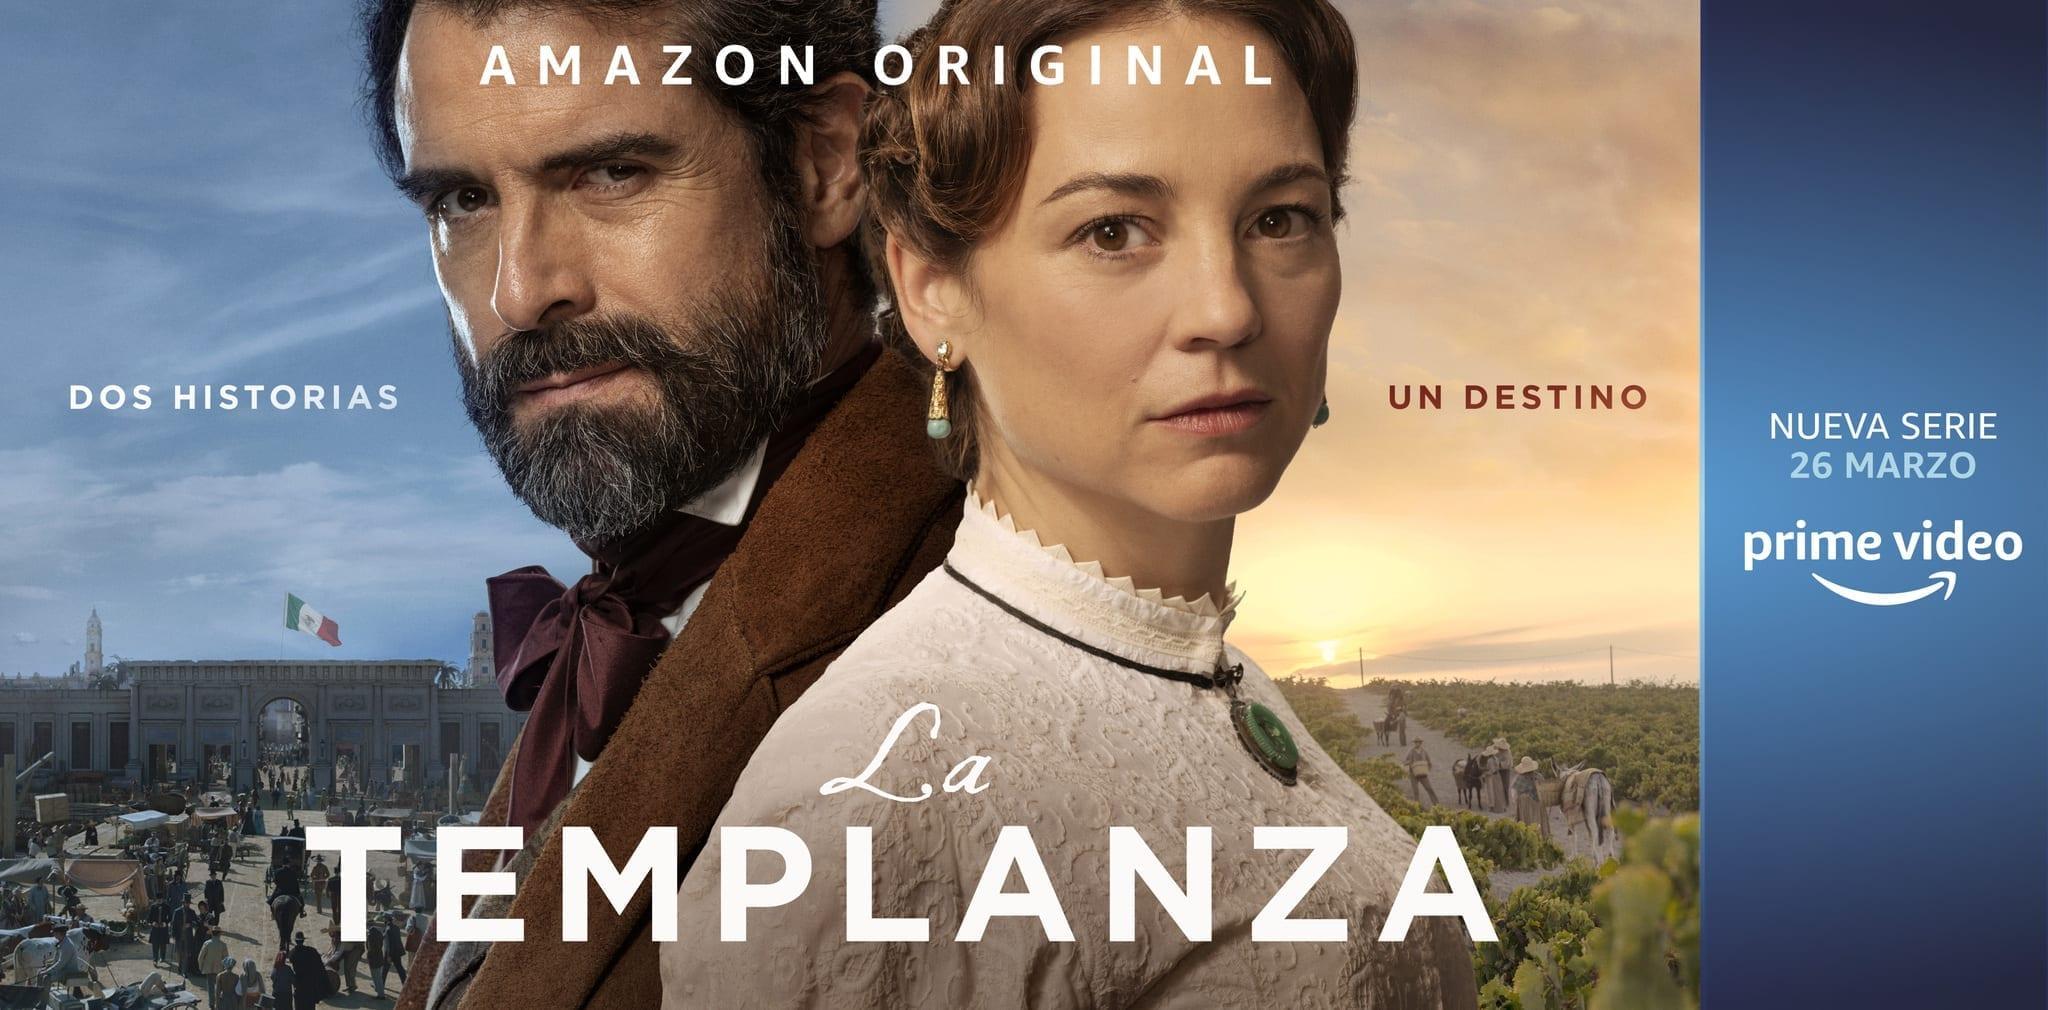 La Templanza: il trailer e il poster della serie tv spagnola di Amazon